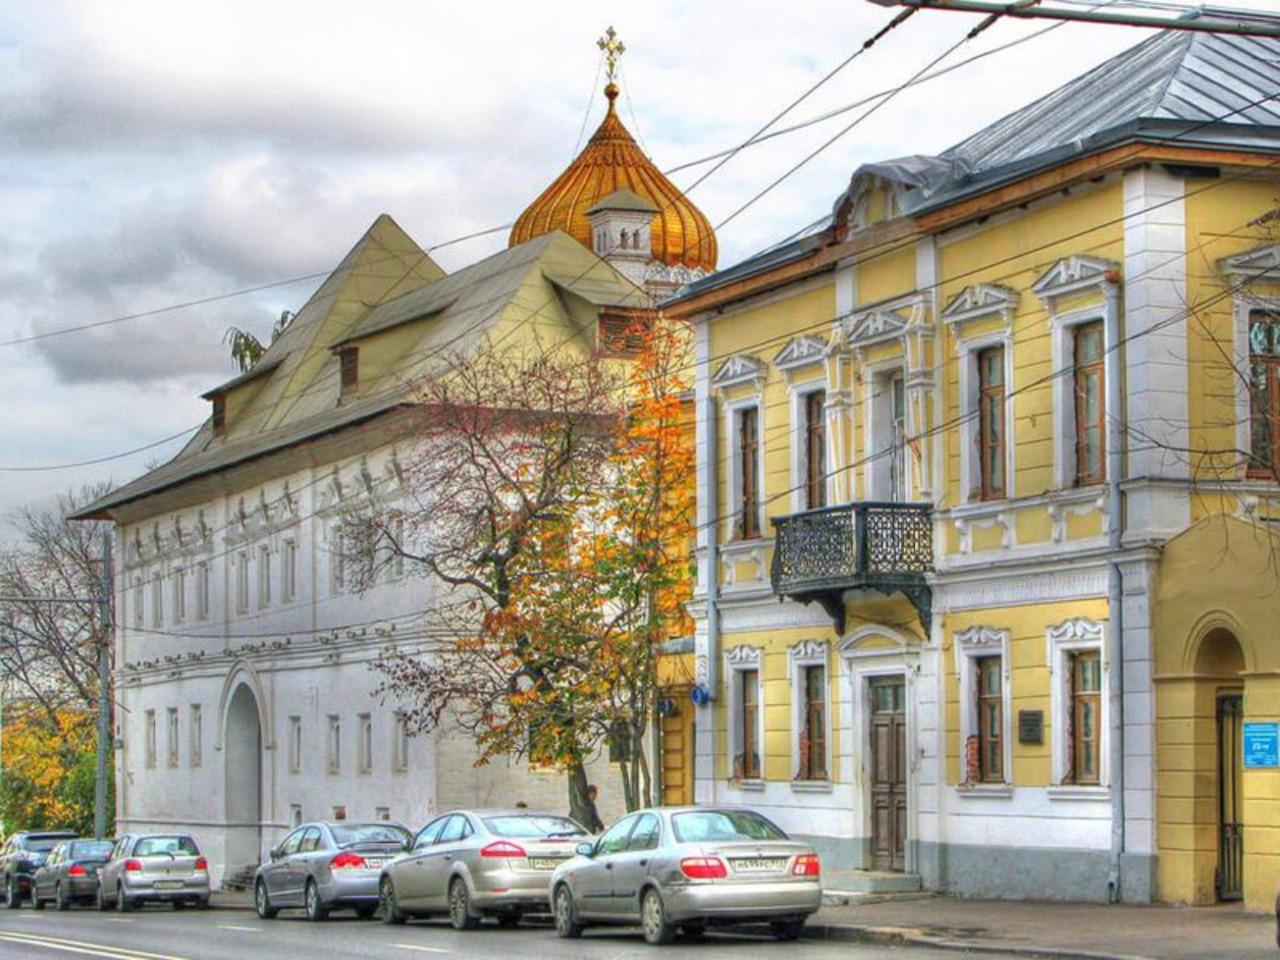 Пречистенка – улица-история - индивидуальная экскурсия по Москве от опытного гида